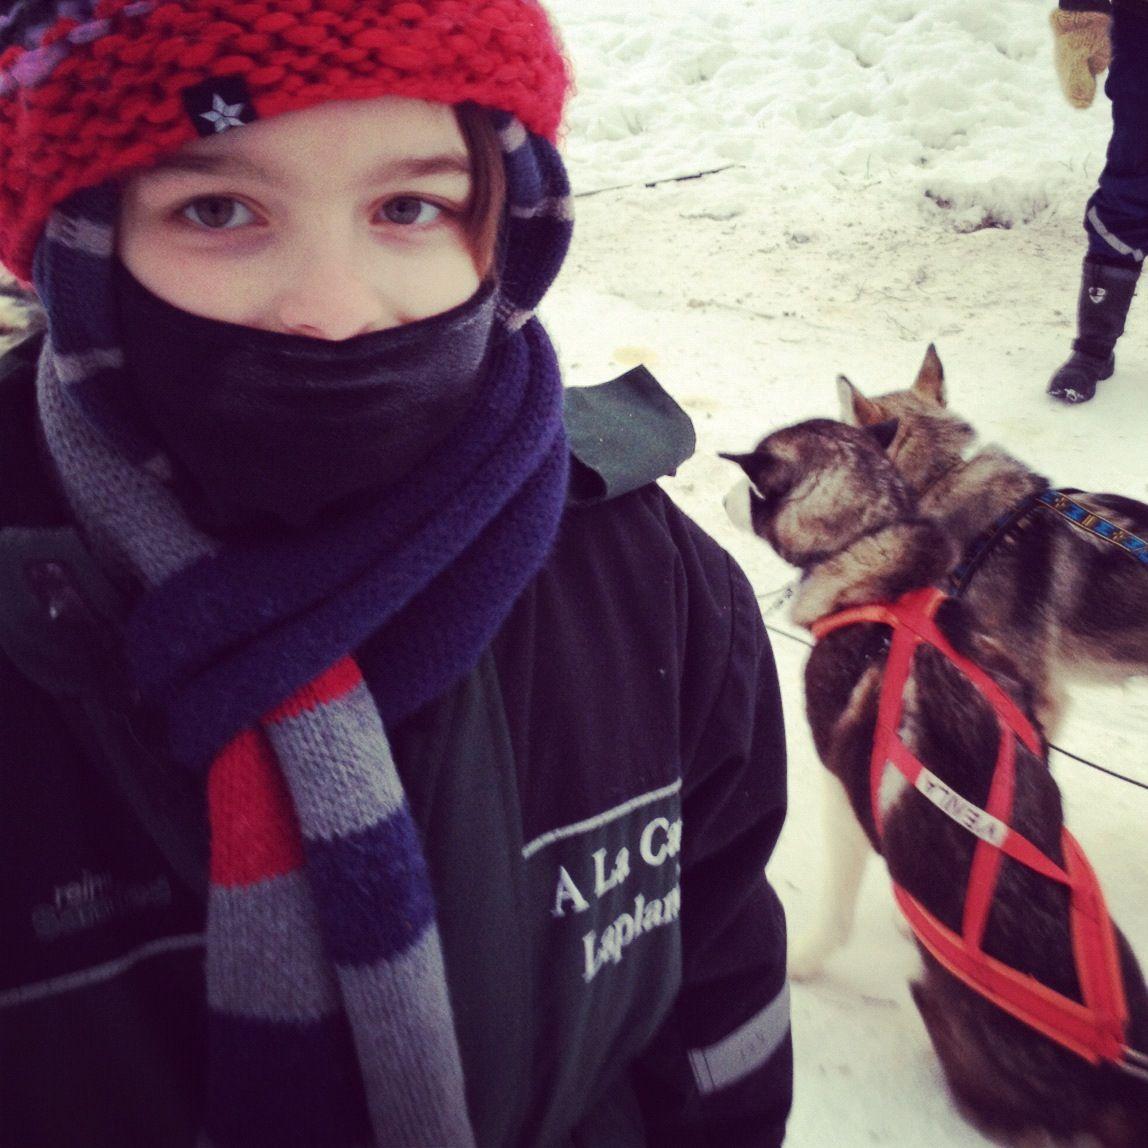 Cole in Lapland